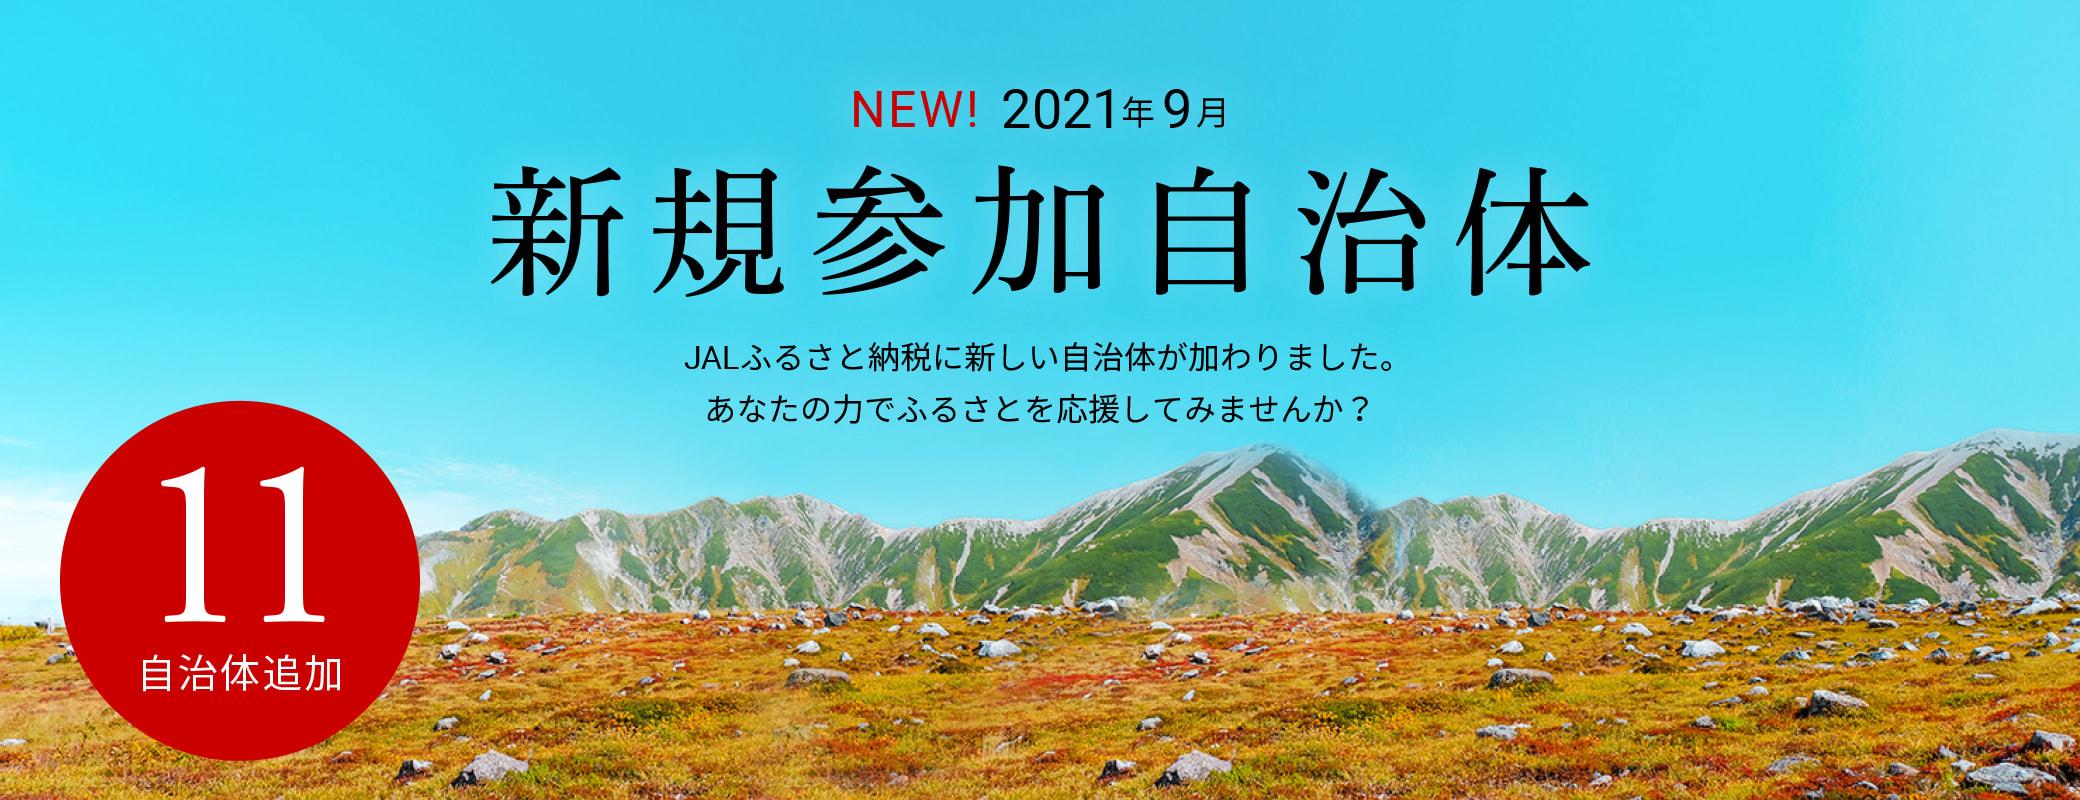 新規参加自治体 JALふるさと納税に新しい自治体が加わりました。あなたの力でふるさとを応援してみませんか?